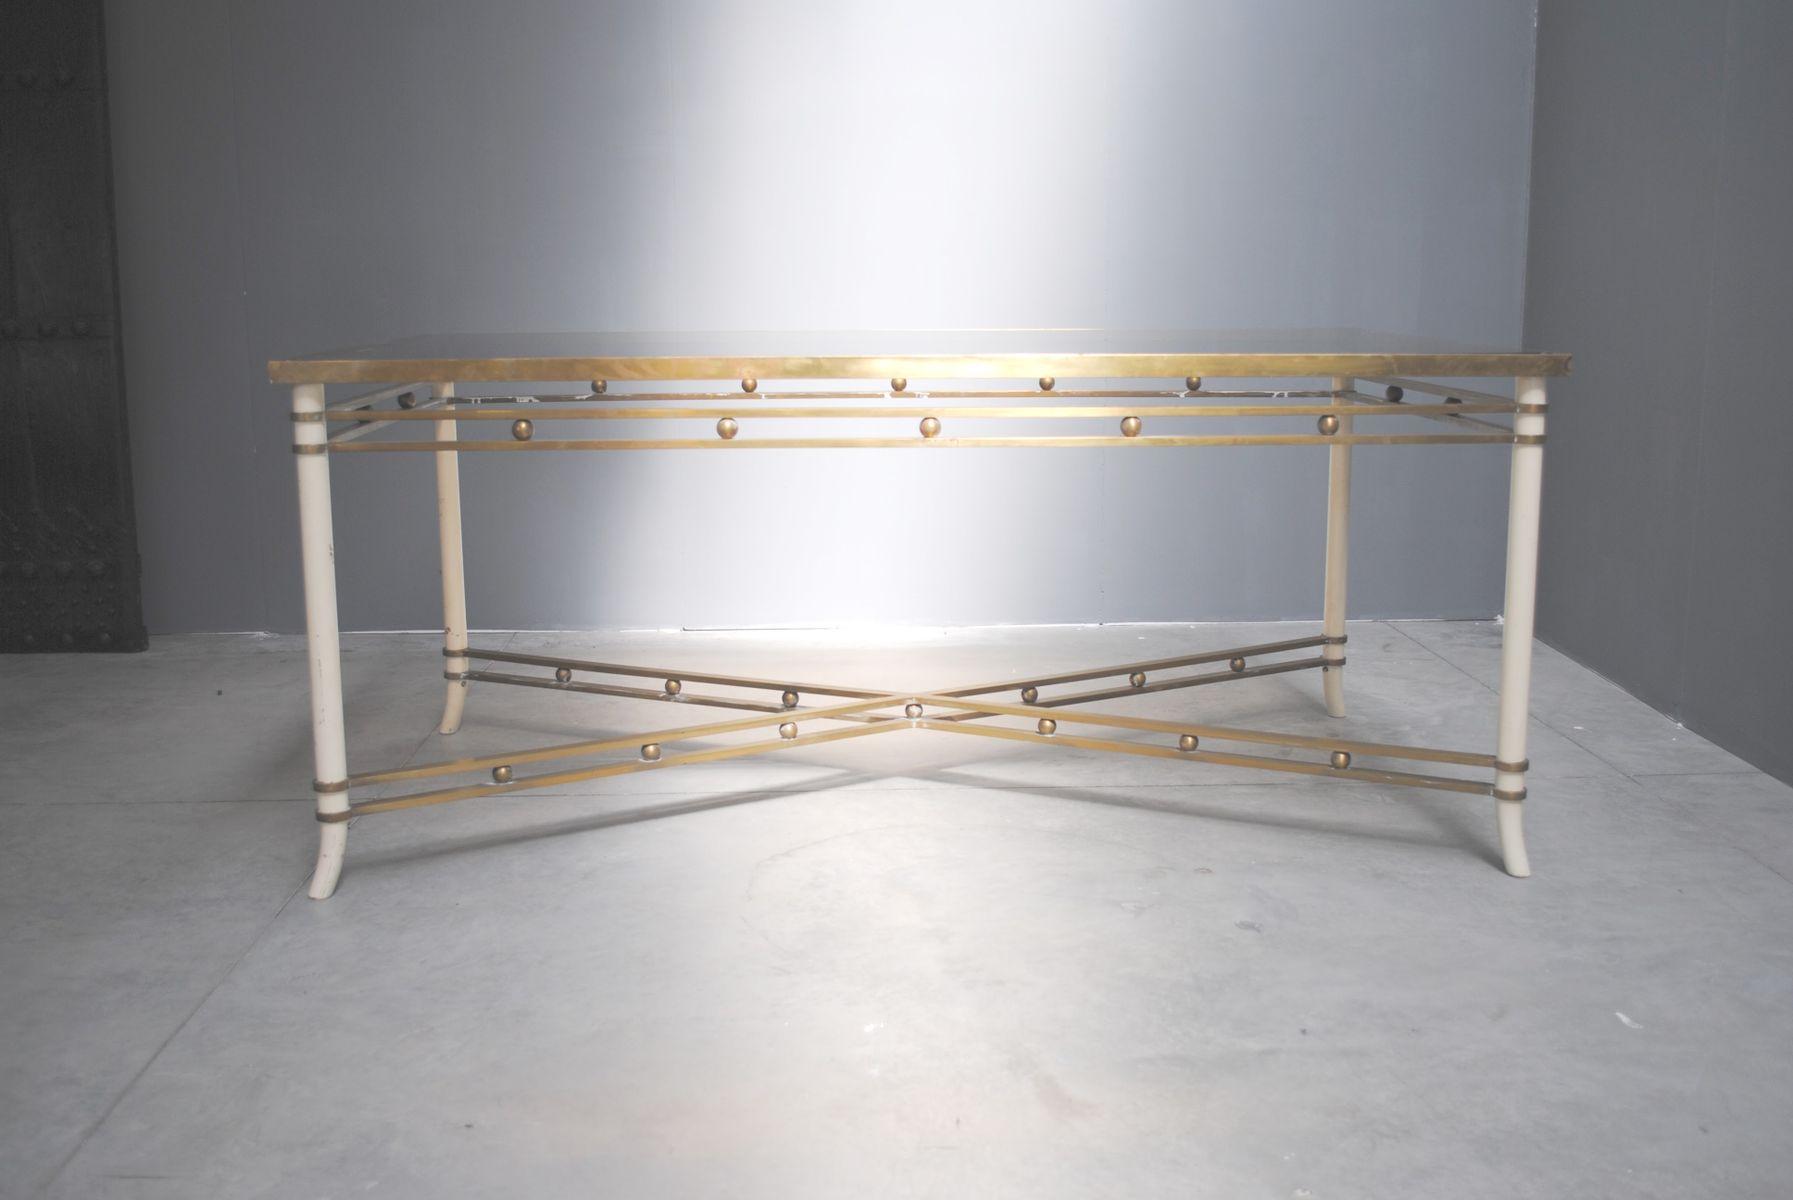 Table de salle manger mid century en laiton verre en vente sur pamono for Table de salle a manger en verre